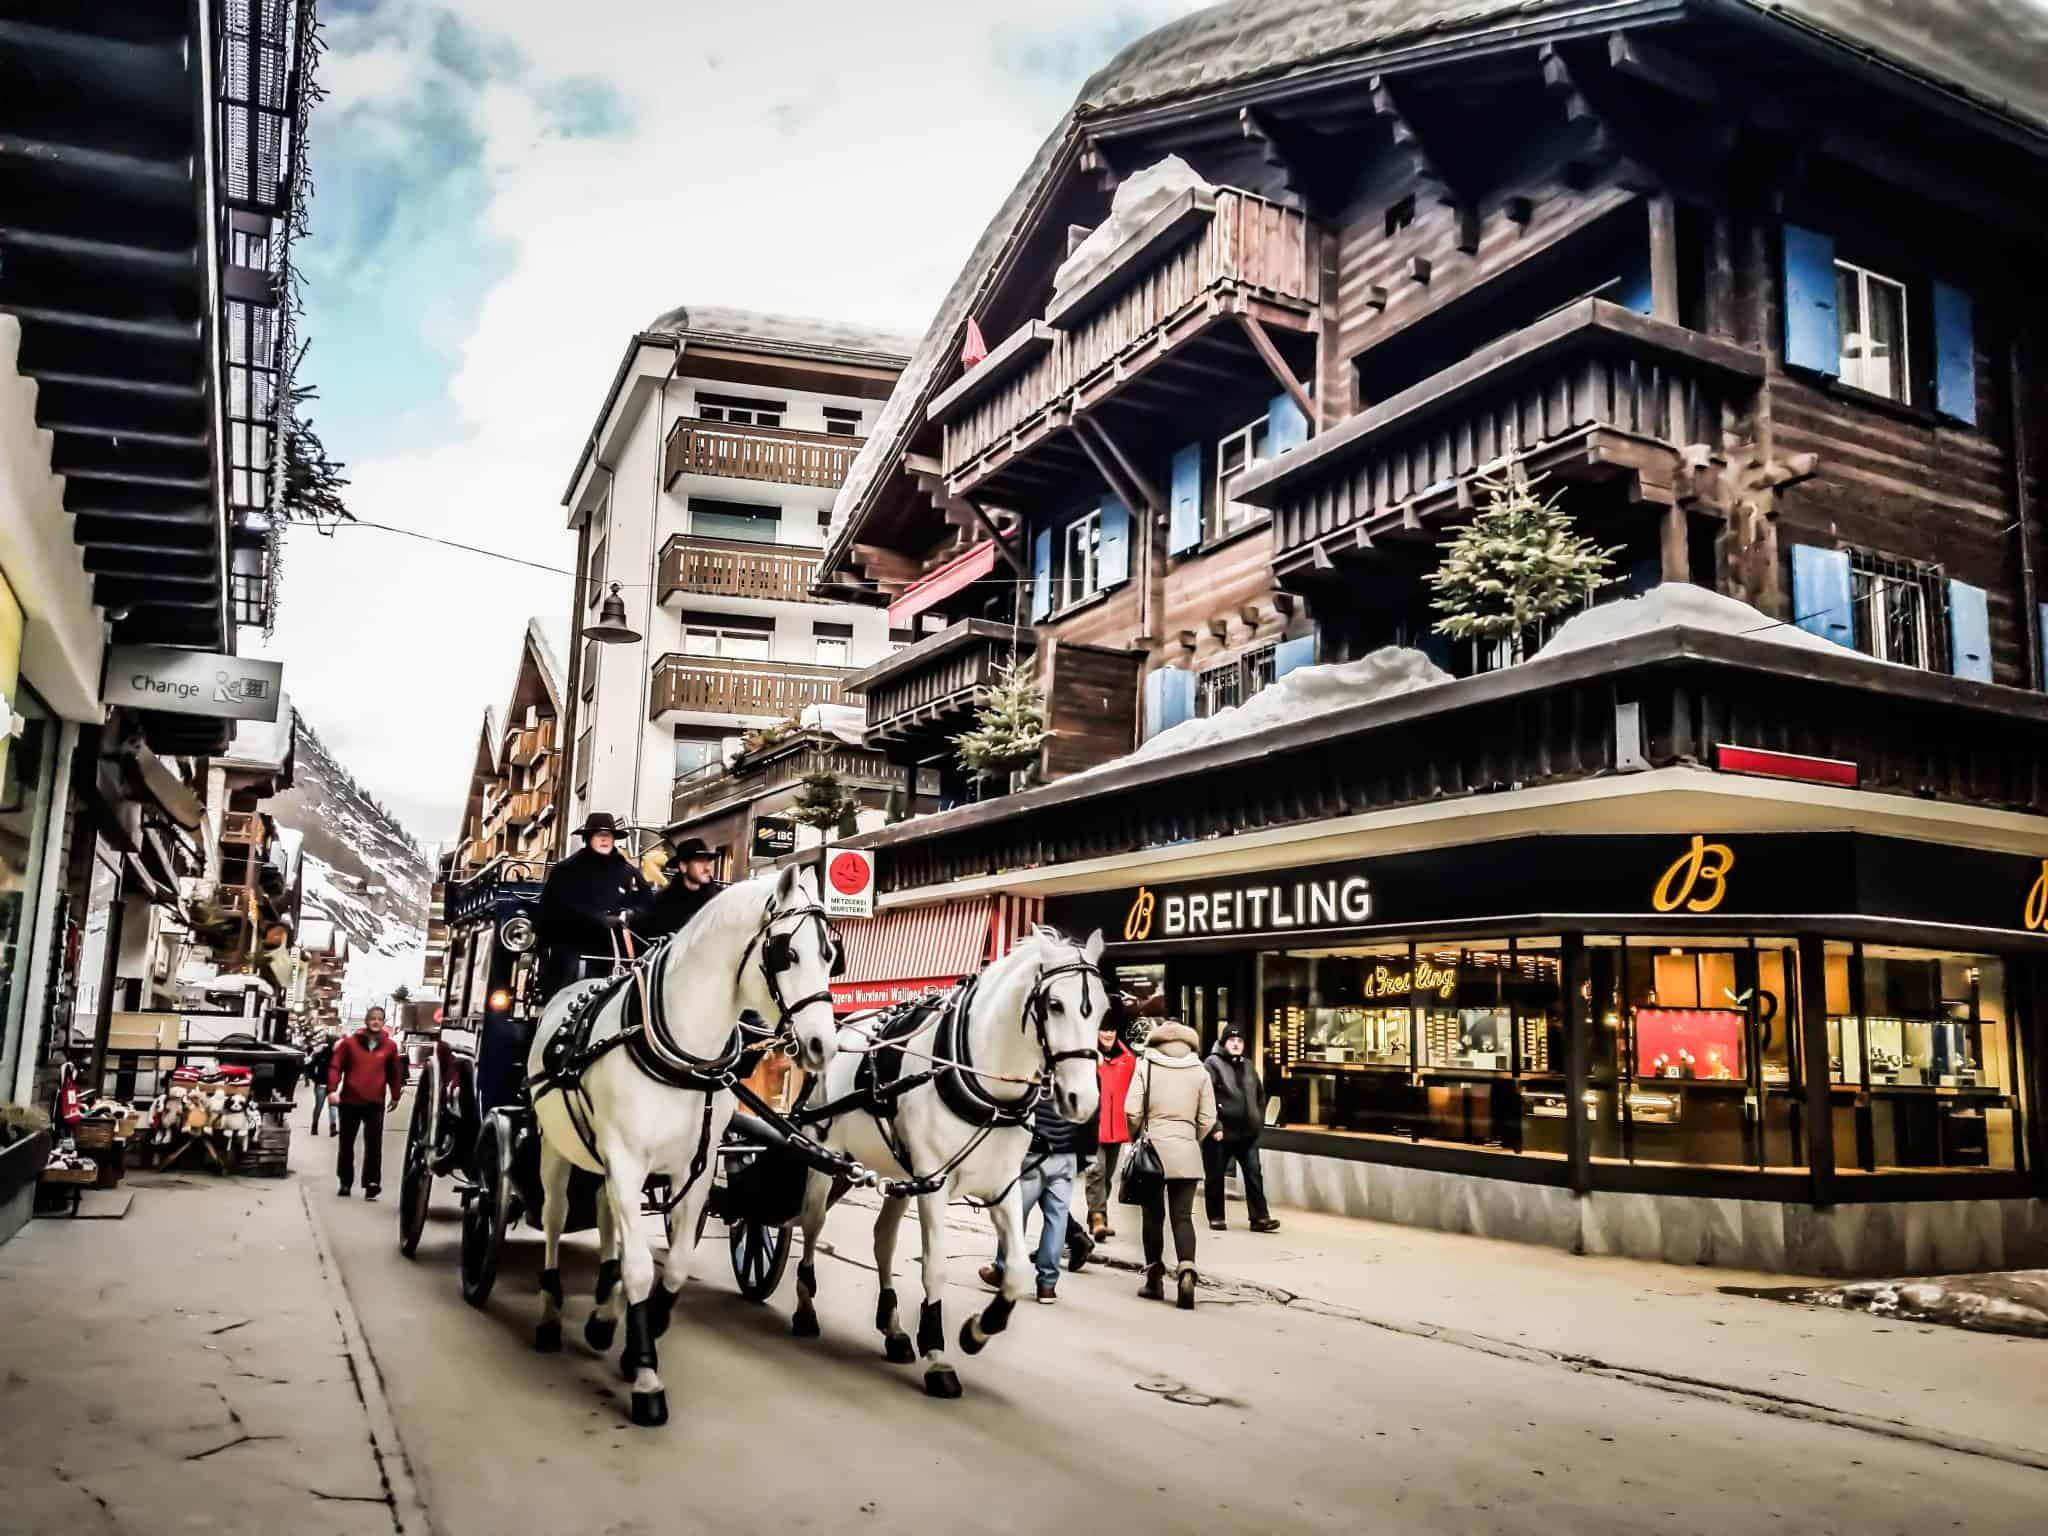 Zermatt Car Free village